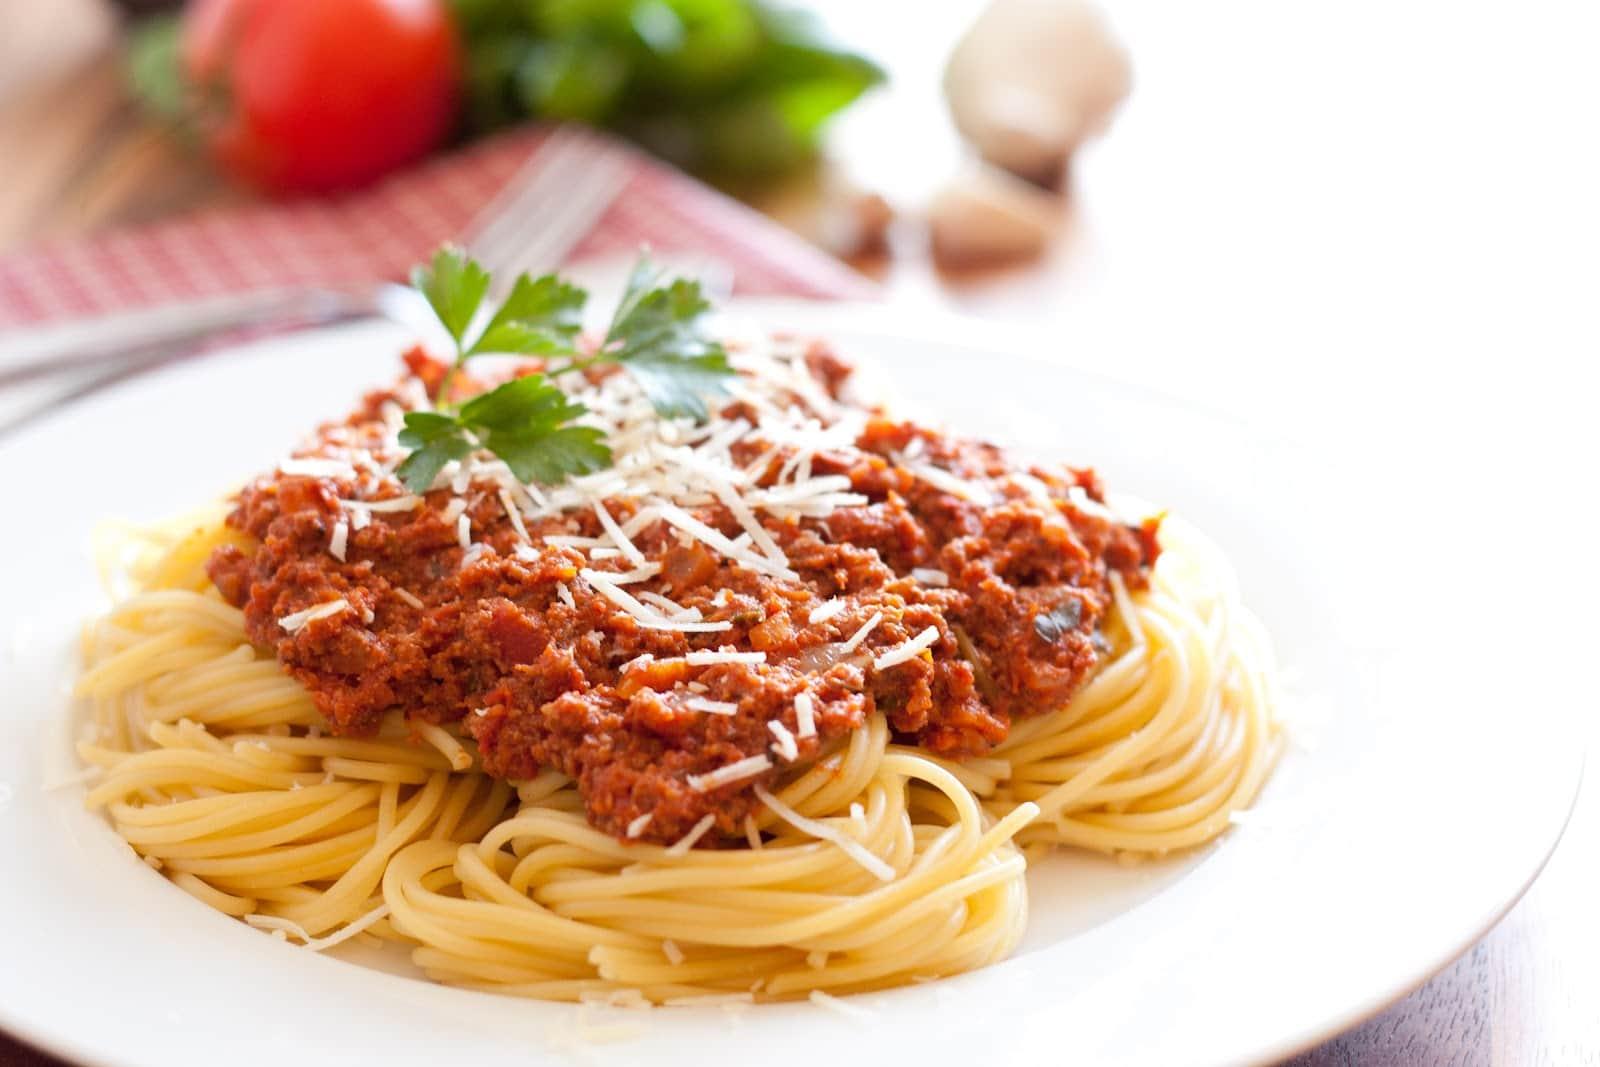 Italian Spaghetti Top 10 Most Popular Italian Food In The